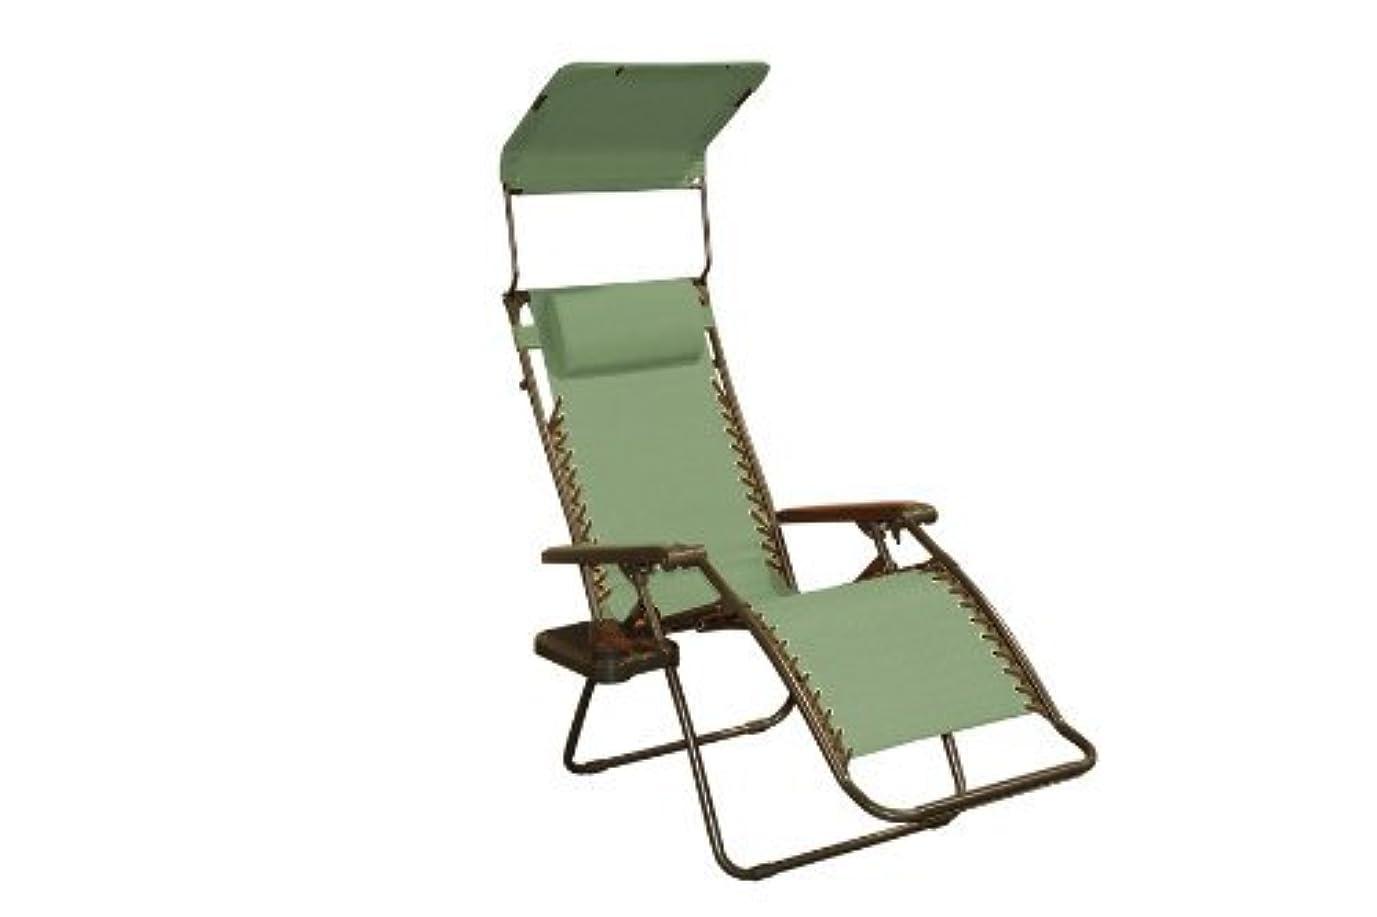 限り示す海賊Bliss Hammocks Zero Gravity Chair with Canopy and Side Tray, Sage Green, 26